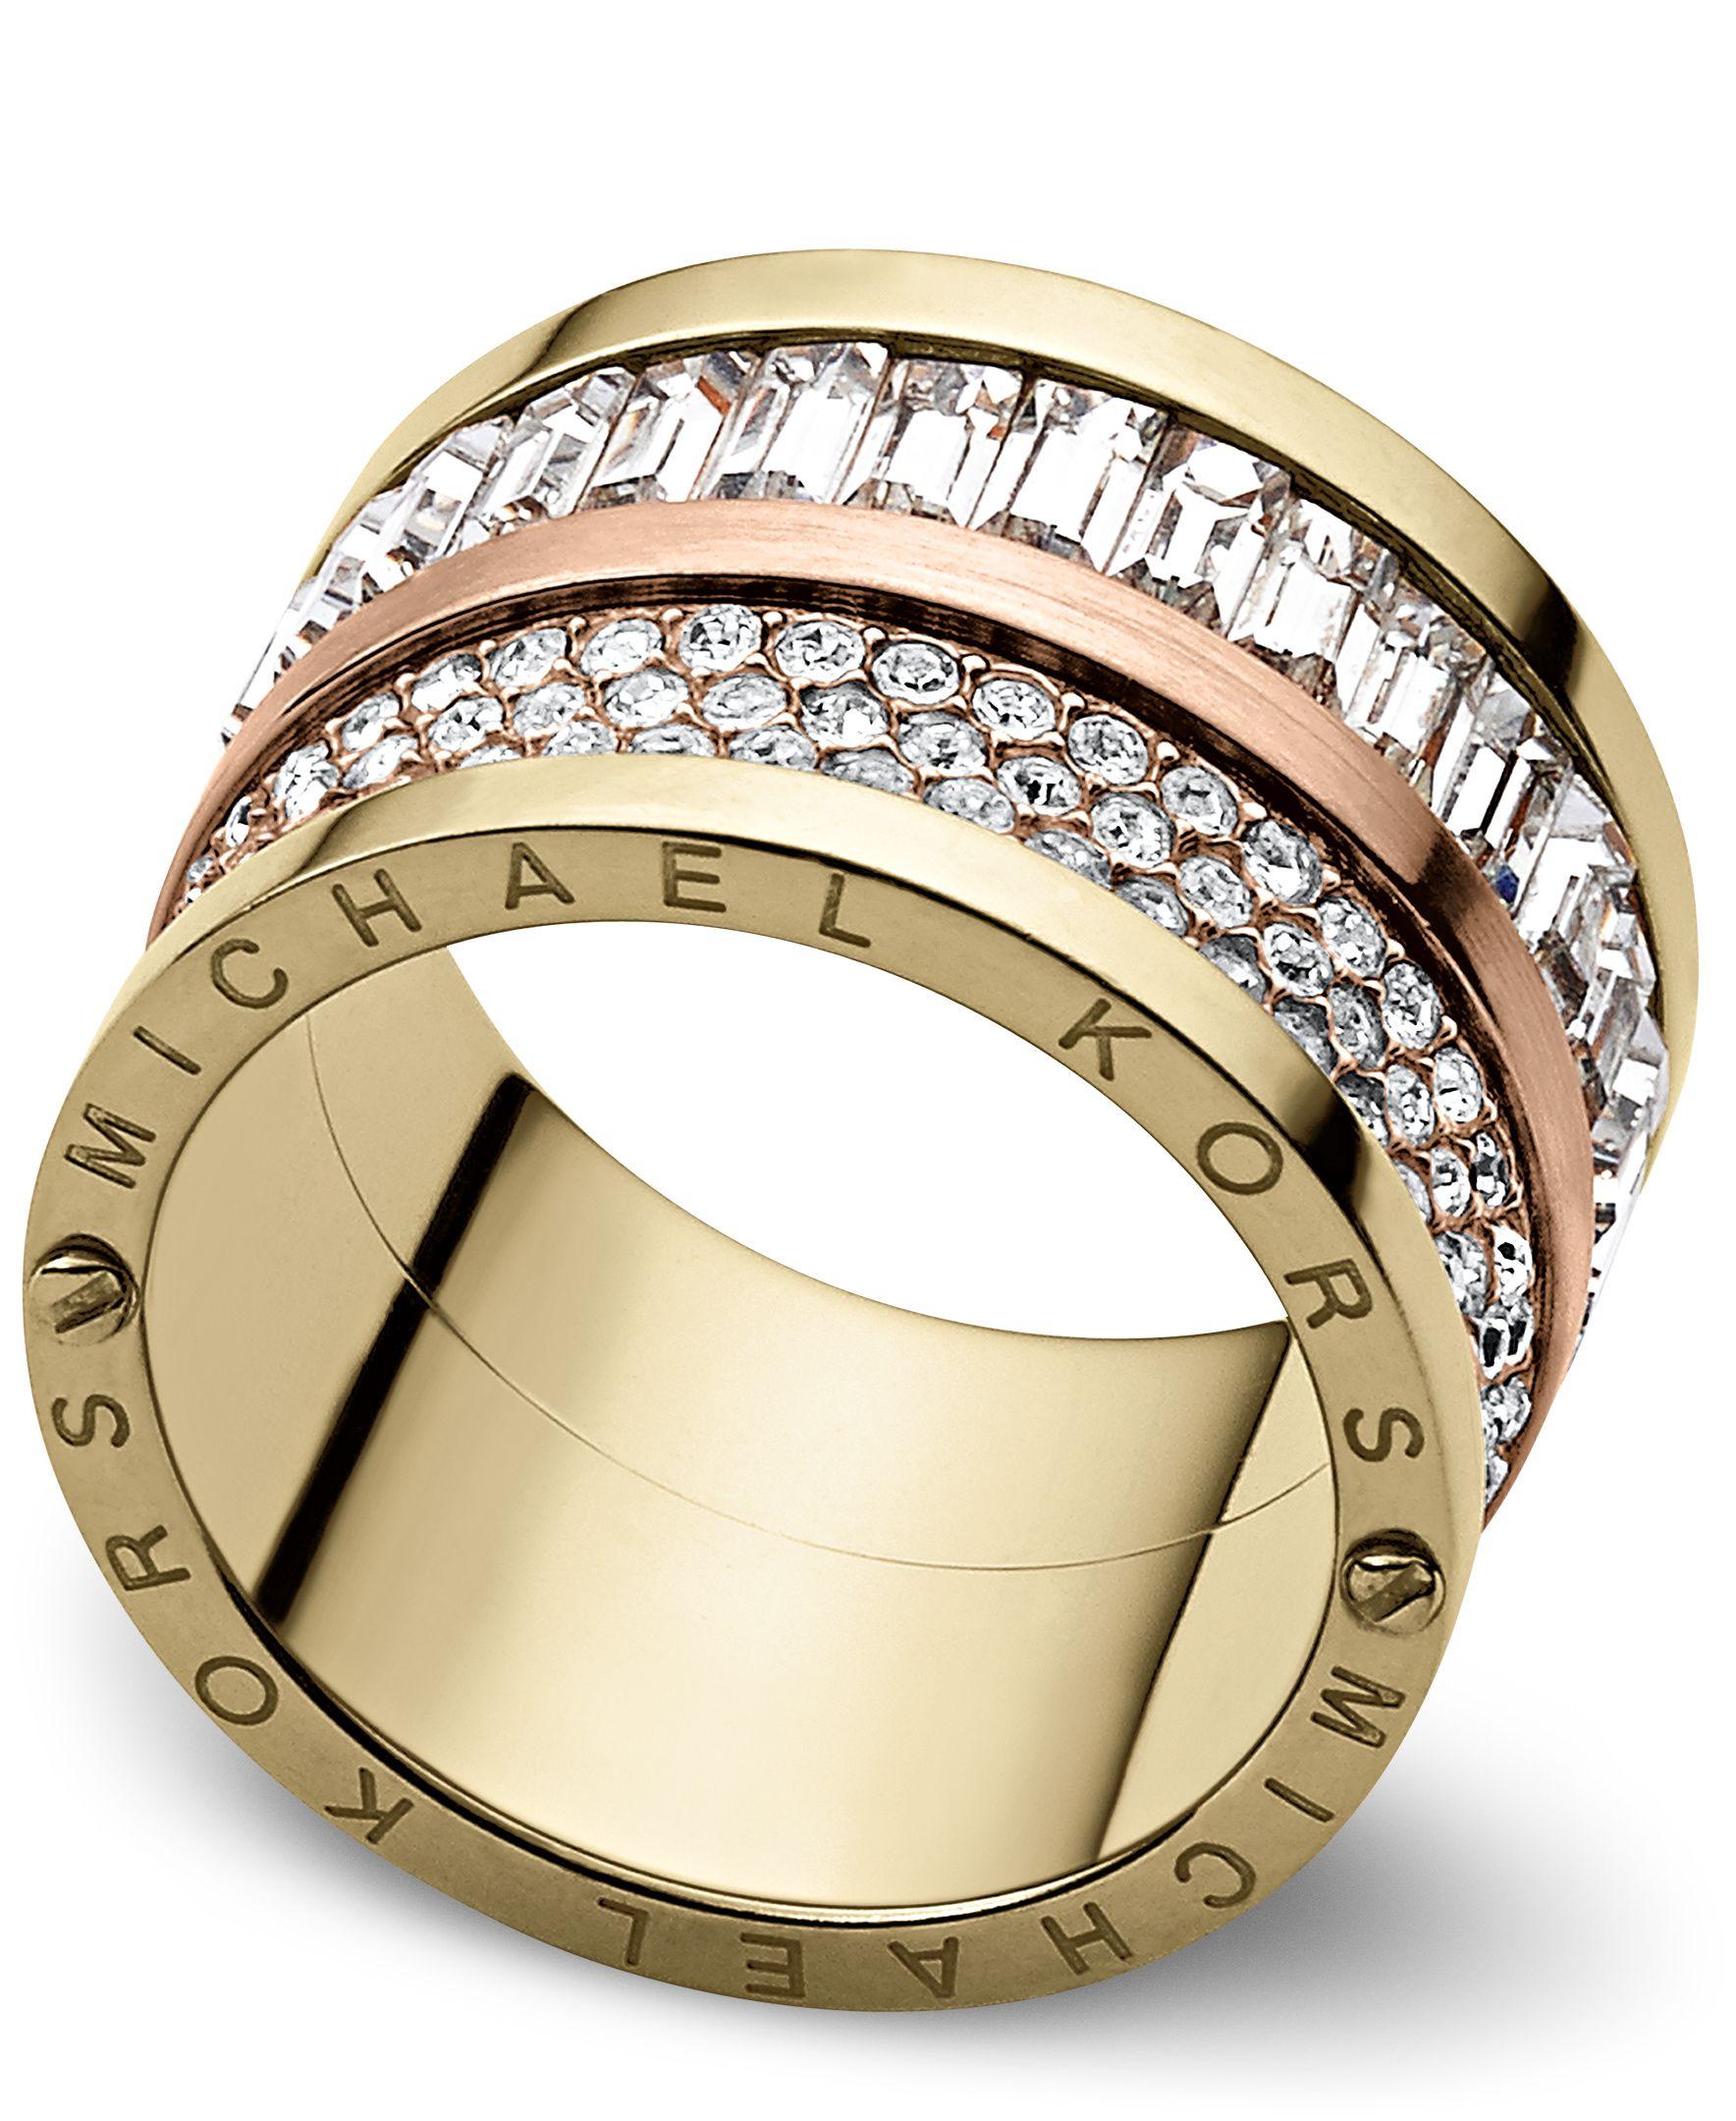 michael kors brilliance pave barrel ring ring size o s. Black Bedroom Furniture Sets. Home Design Ideas